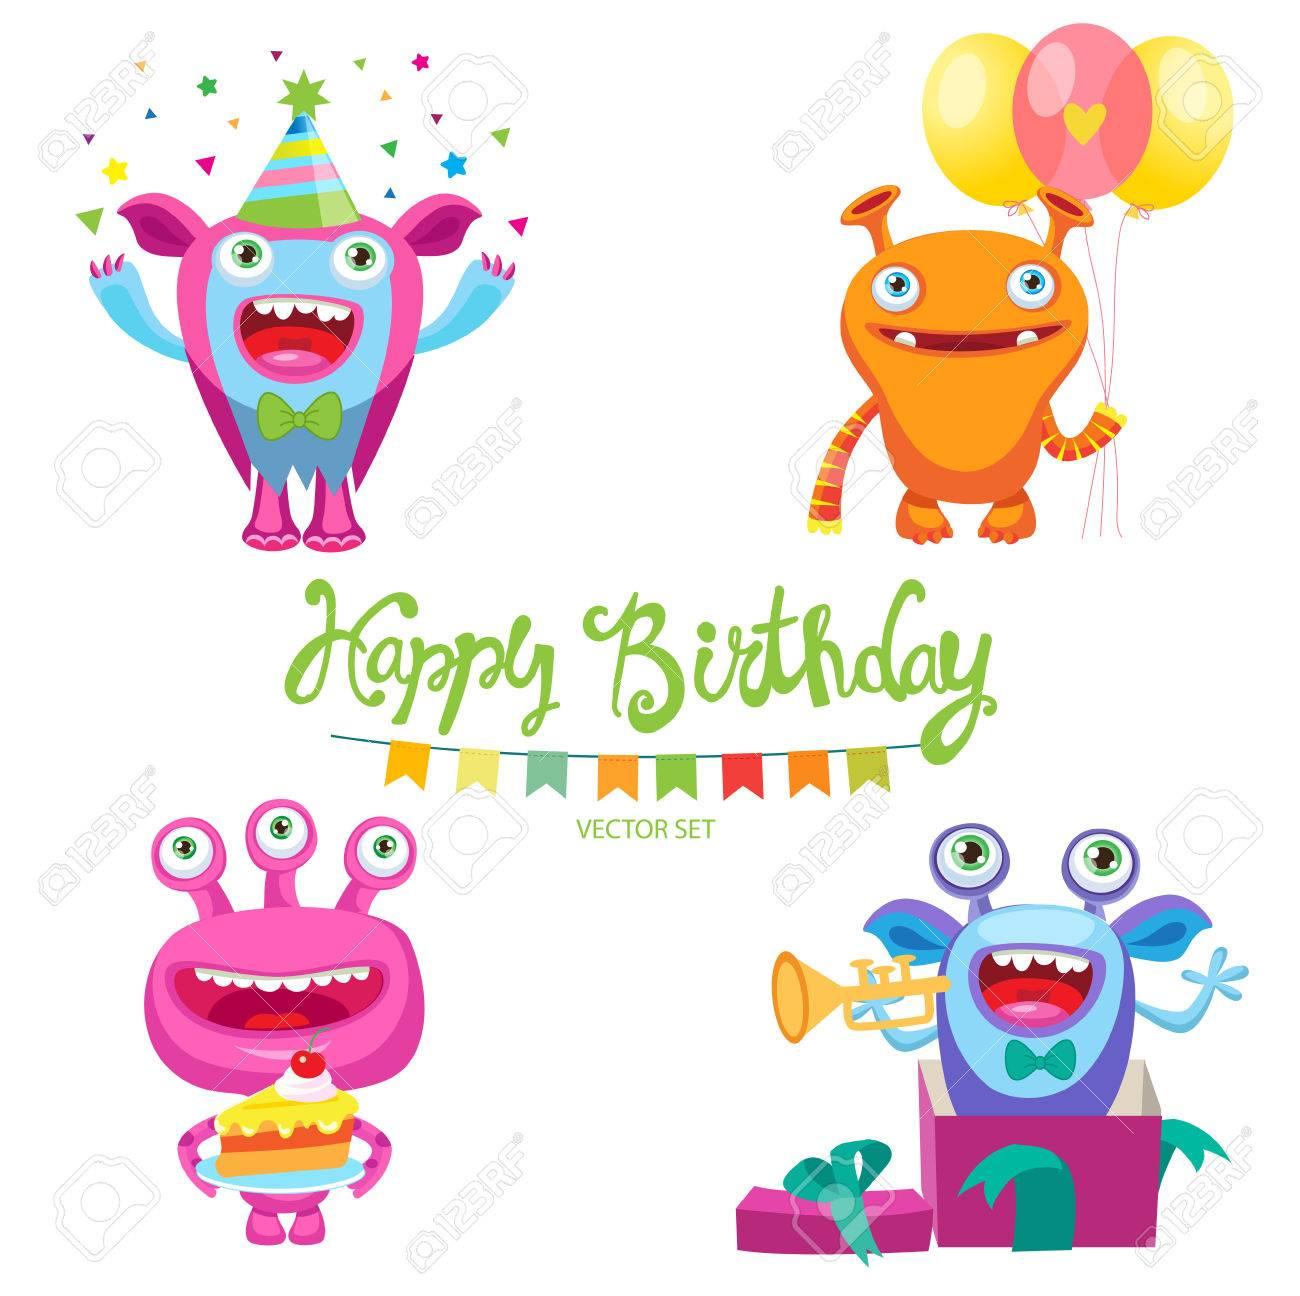 誕生日カード デザイン ベクトル イラストのかわいいモンスターのセット